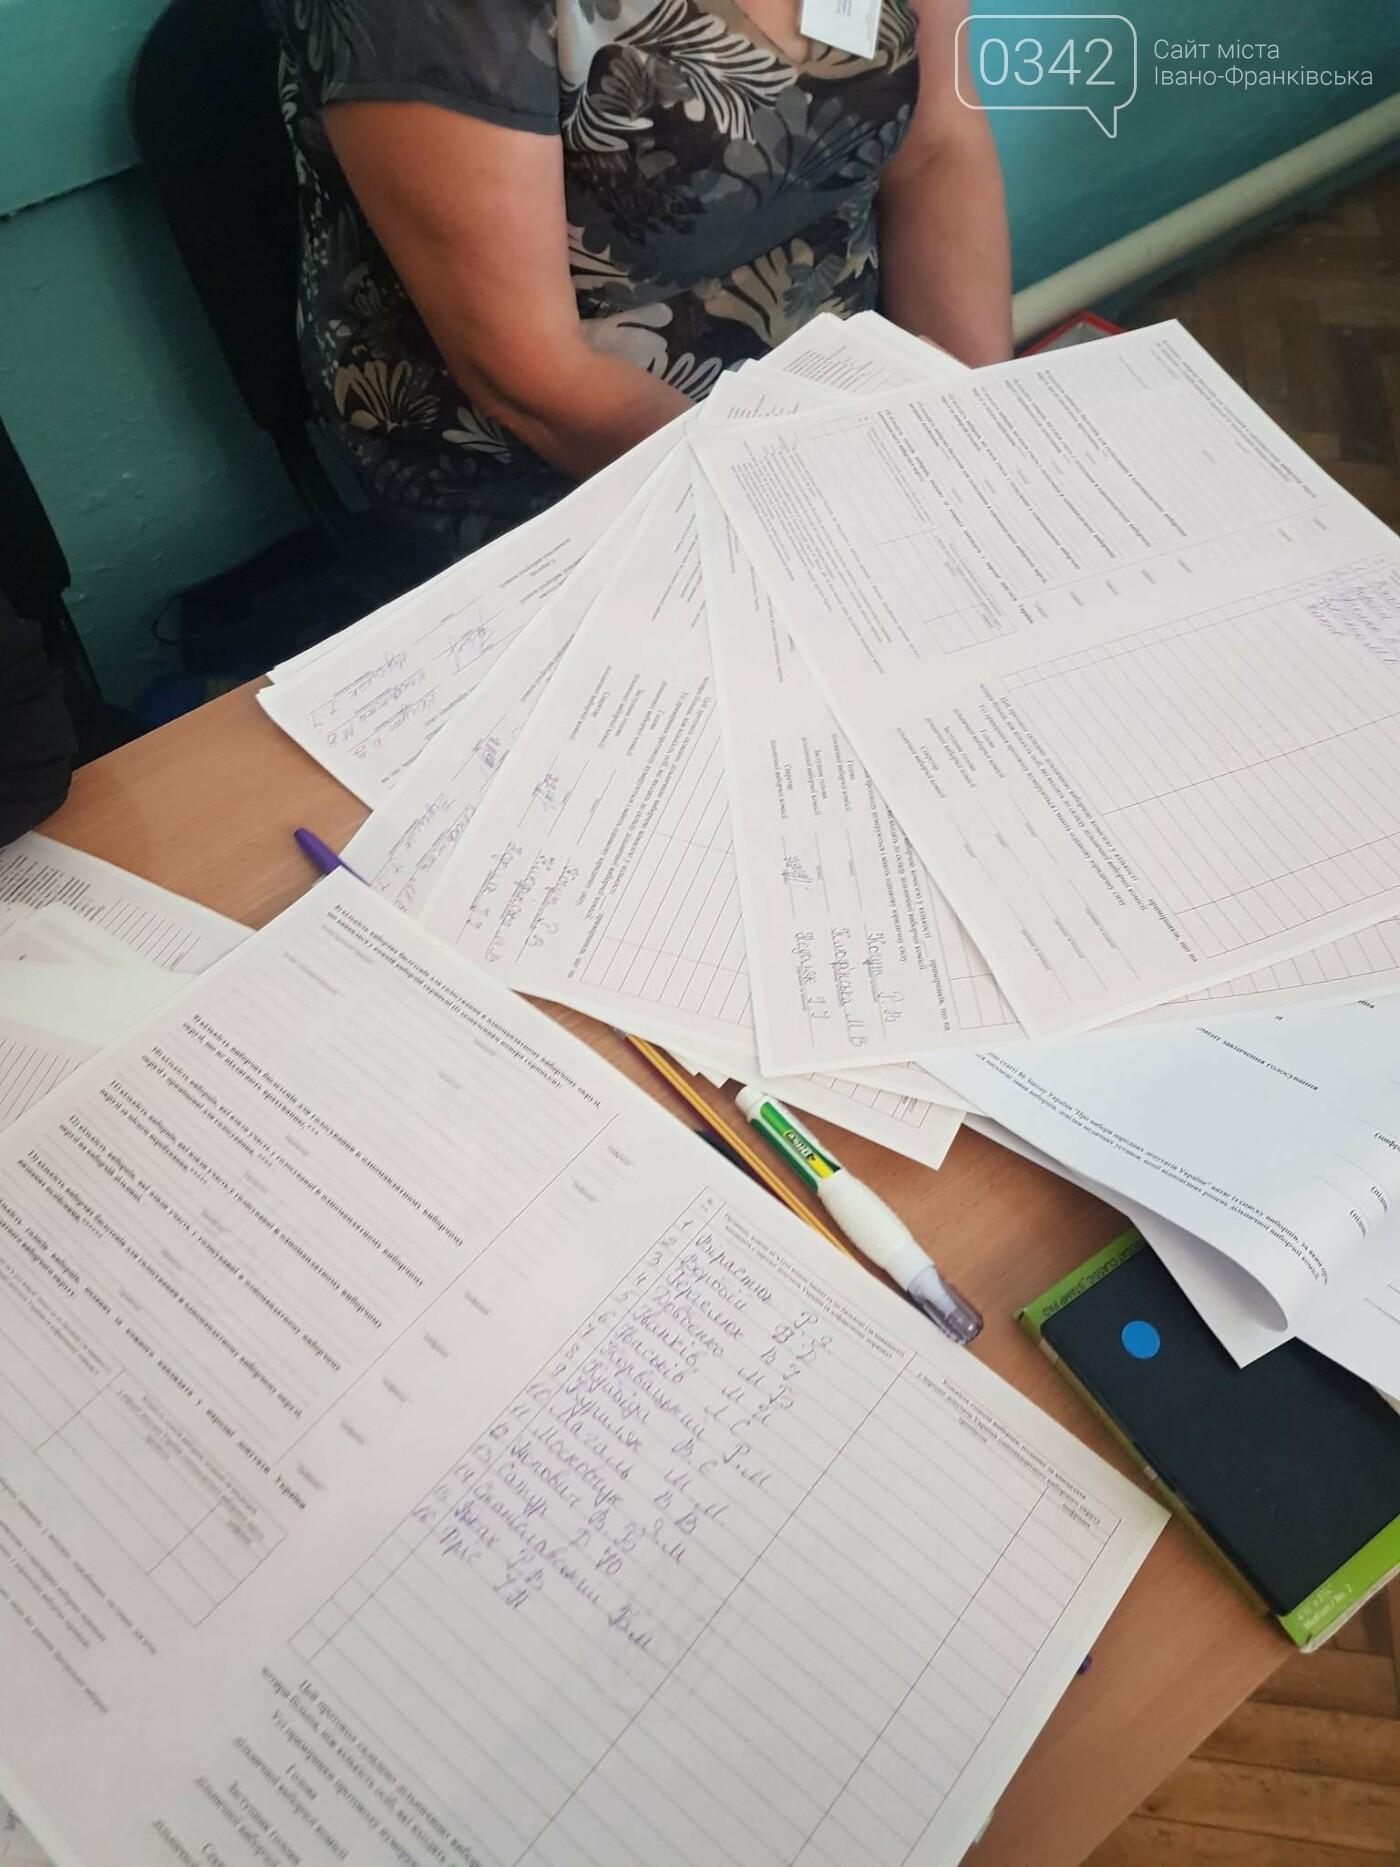 В Крихівцях зафіксували кримінальне провадження під час виборів, фото-1